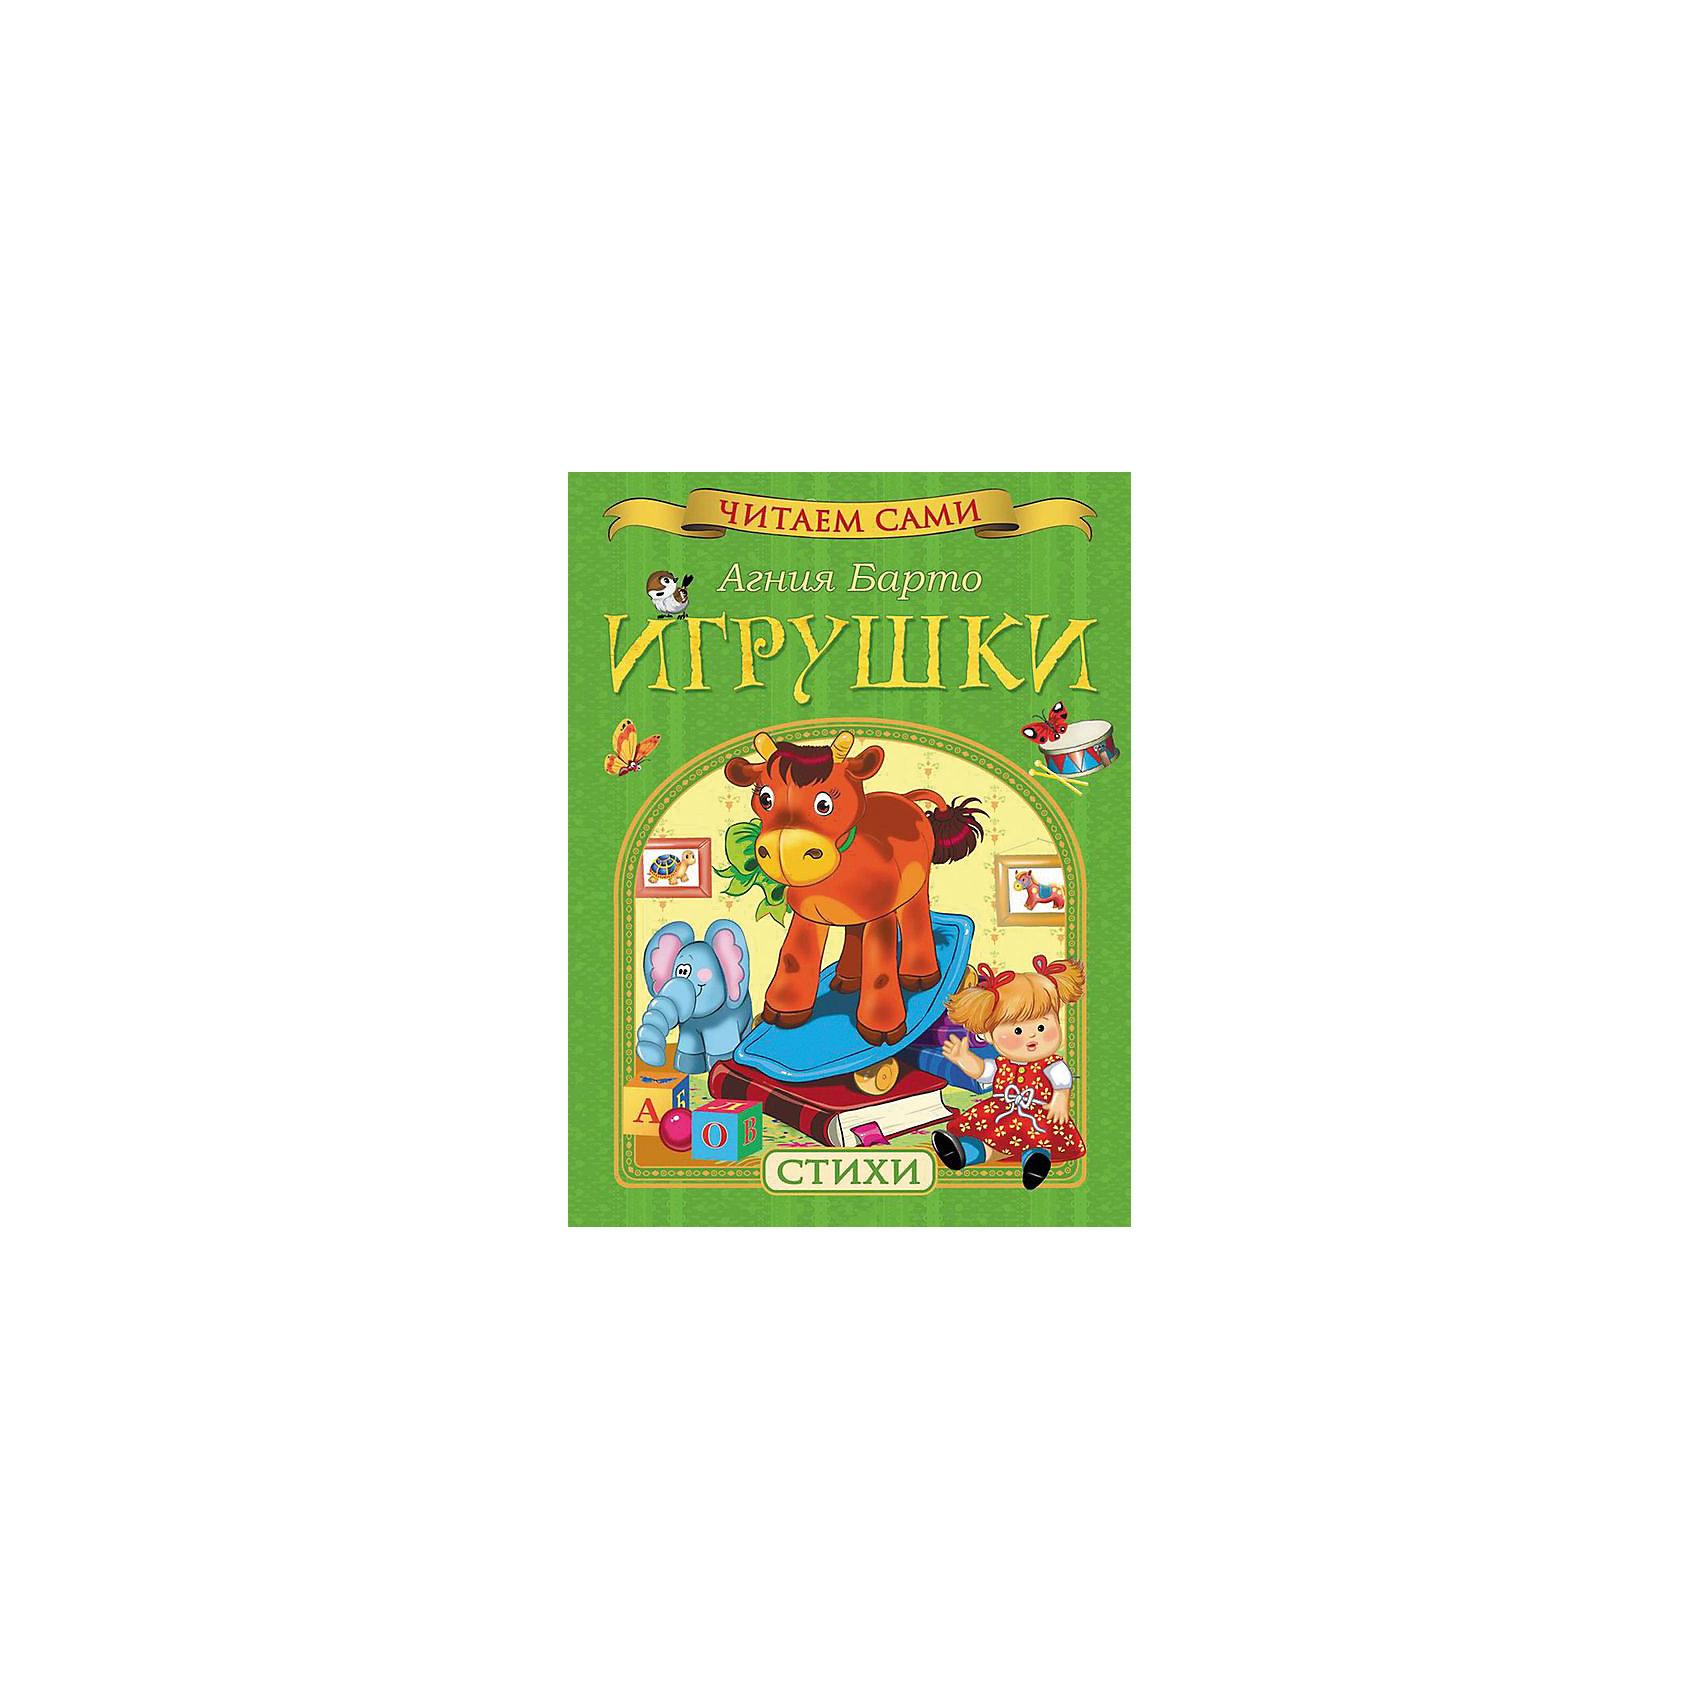 Читаем сами Стихи. Игрушки, А. БартоХарактеристики товара:<br><br>- цвет: разноцветный;<br>- материал: бумага;<br>- страниц: 16;<br>- формат: 70х90/16;<br>- обложка: твердая;<br>- цветные иллюстрации;<br>- содержание: стихи А. Барто.<br><br>Эта интересная книга с яркими иллюстрациями станет отличным подарком для ребенка. Она содержит в себе стихи, причем - самые добрые и близкие ребенку! Талантливый иллюстратор дополнил книгу яркими картинками, которые помогают ребенку проникнуться духом книги.<br>Чтение - отличный способ активизации мышления, оно помогает ребенку развивать зрительную память, концентрацию внимания и воображение. Издание произведено из качественных материалов, которые безопасны даже для самых маленьких.<br><br>Издание Читаем сами Стихи. Игрушки, А. Барто от компании Росмэн можно купить в нашем интернет-магазине.<br><br>Ширина мм: 215<br>Глубина мм: 162<br>Высота мм: 3<br>Вес г: 50<br>Возраст от месяцев: 36<br>Возраст до месяцев: 72<br>Пол: Унисекс<br>Возраст: Детский<br>SKU: 5109906